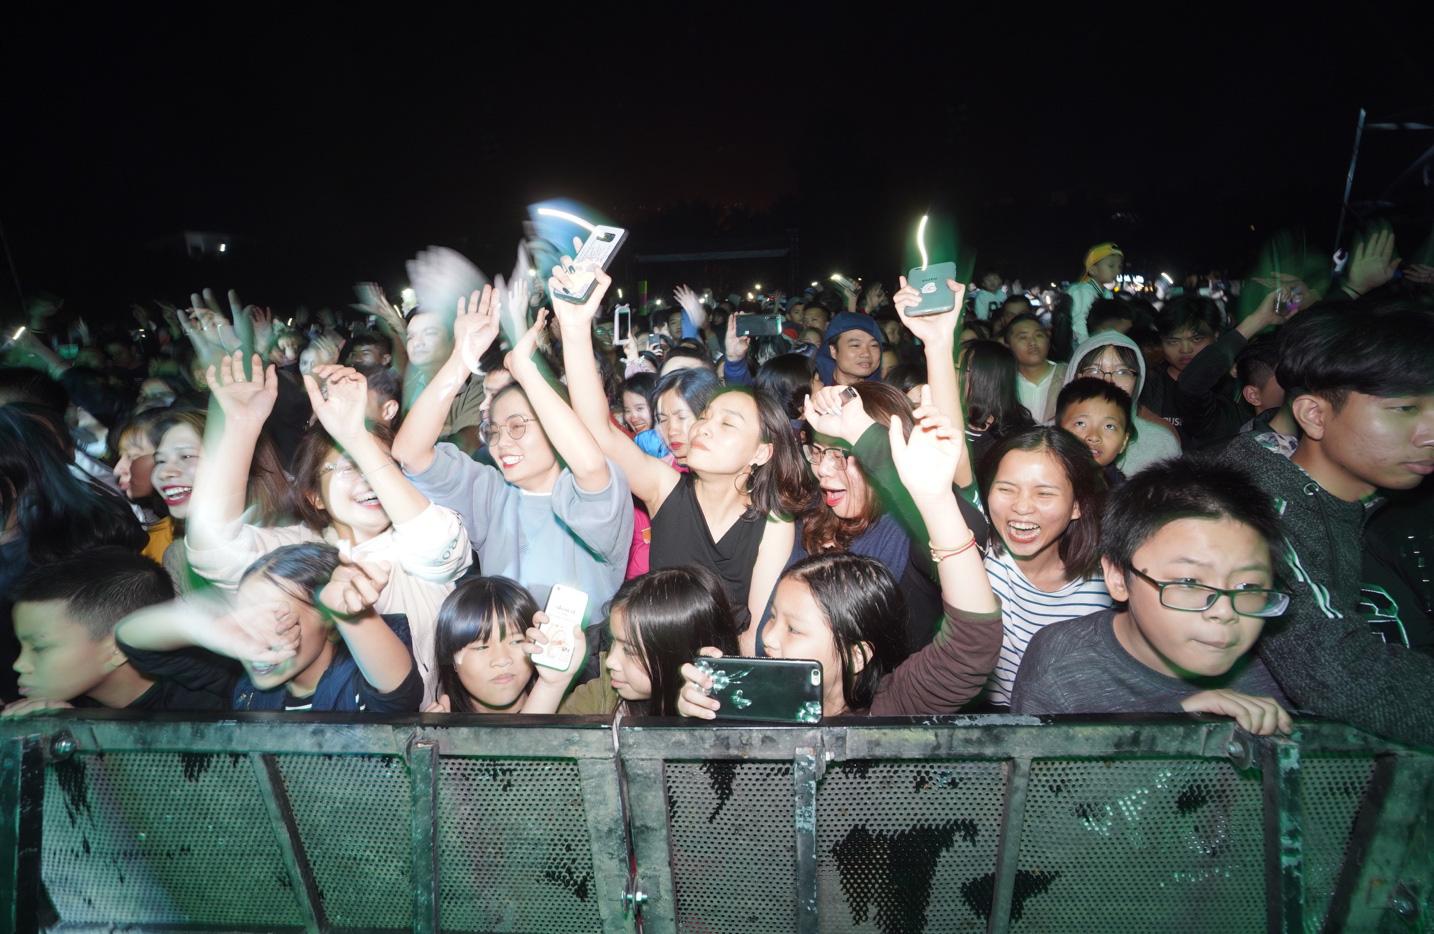 Quay ngược dòng thời gian, cư dân Ecopark mãn nhãn trong bữa tiệc âm thanh và ánh sáng - Ảnh 5.